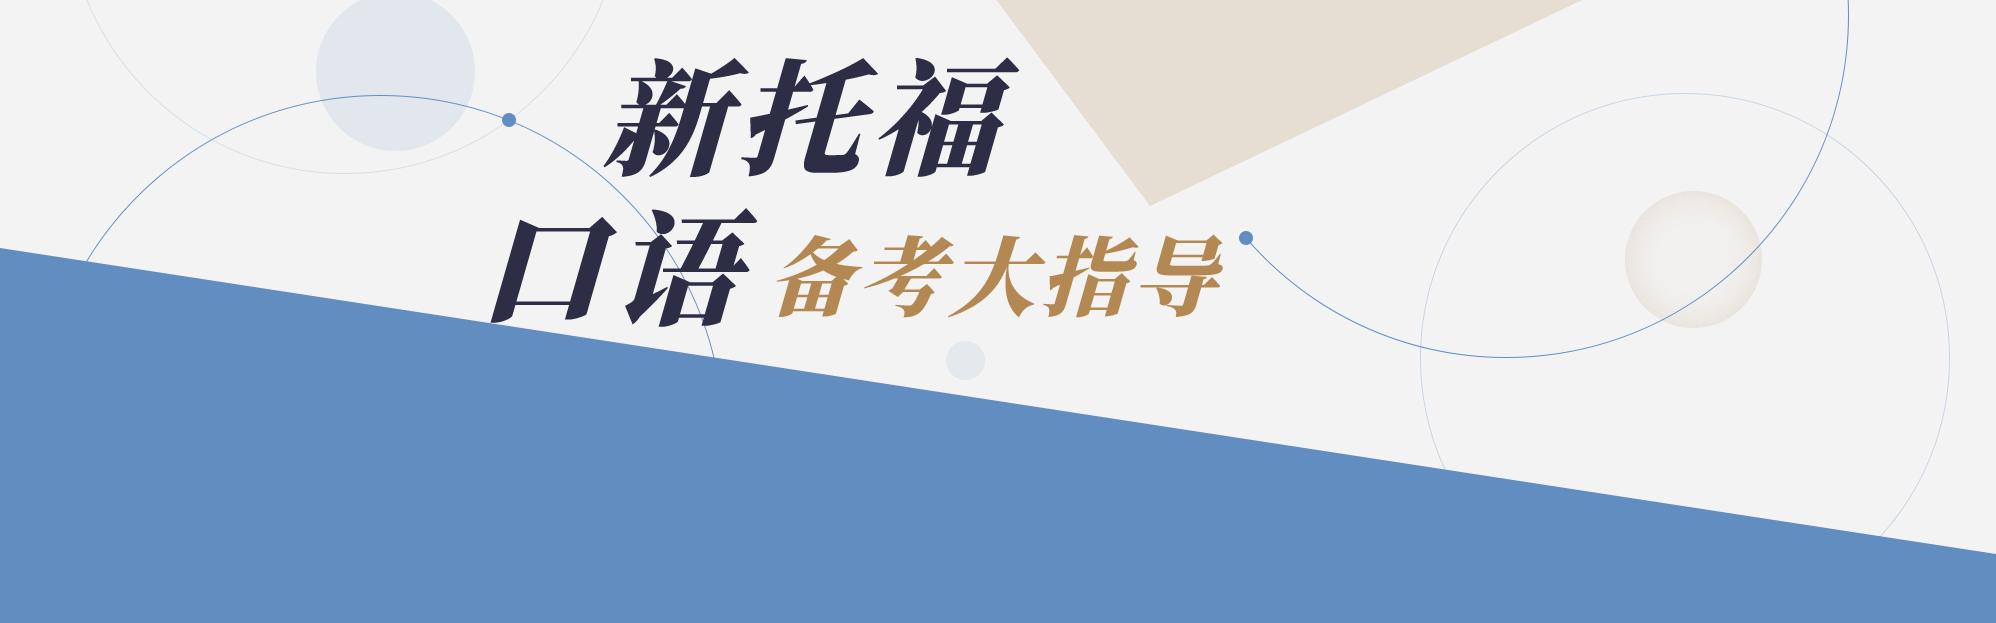 托福口语task1-task6全面指导